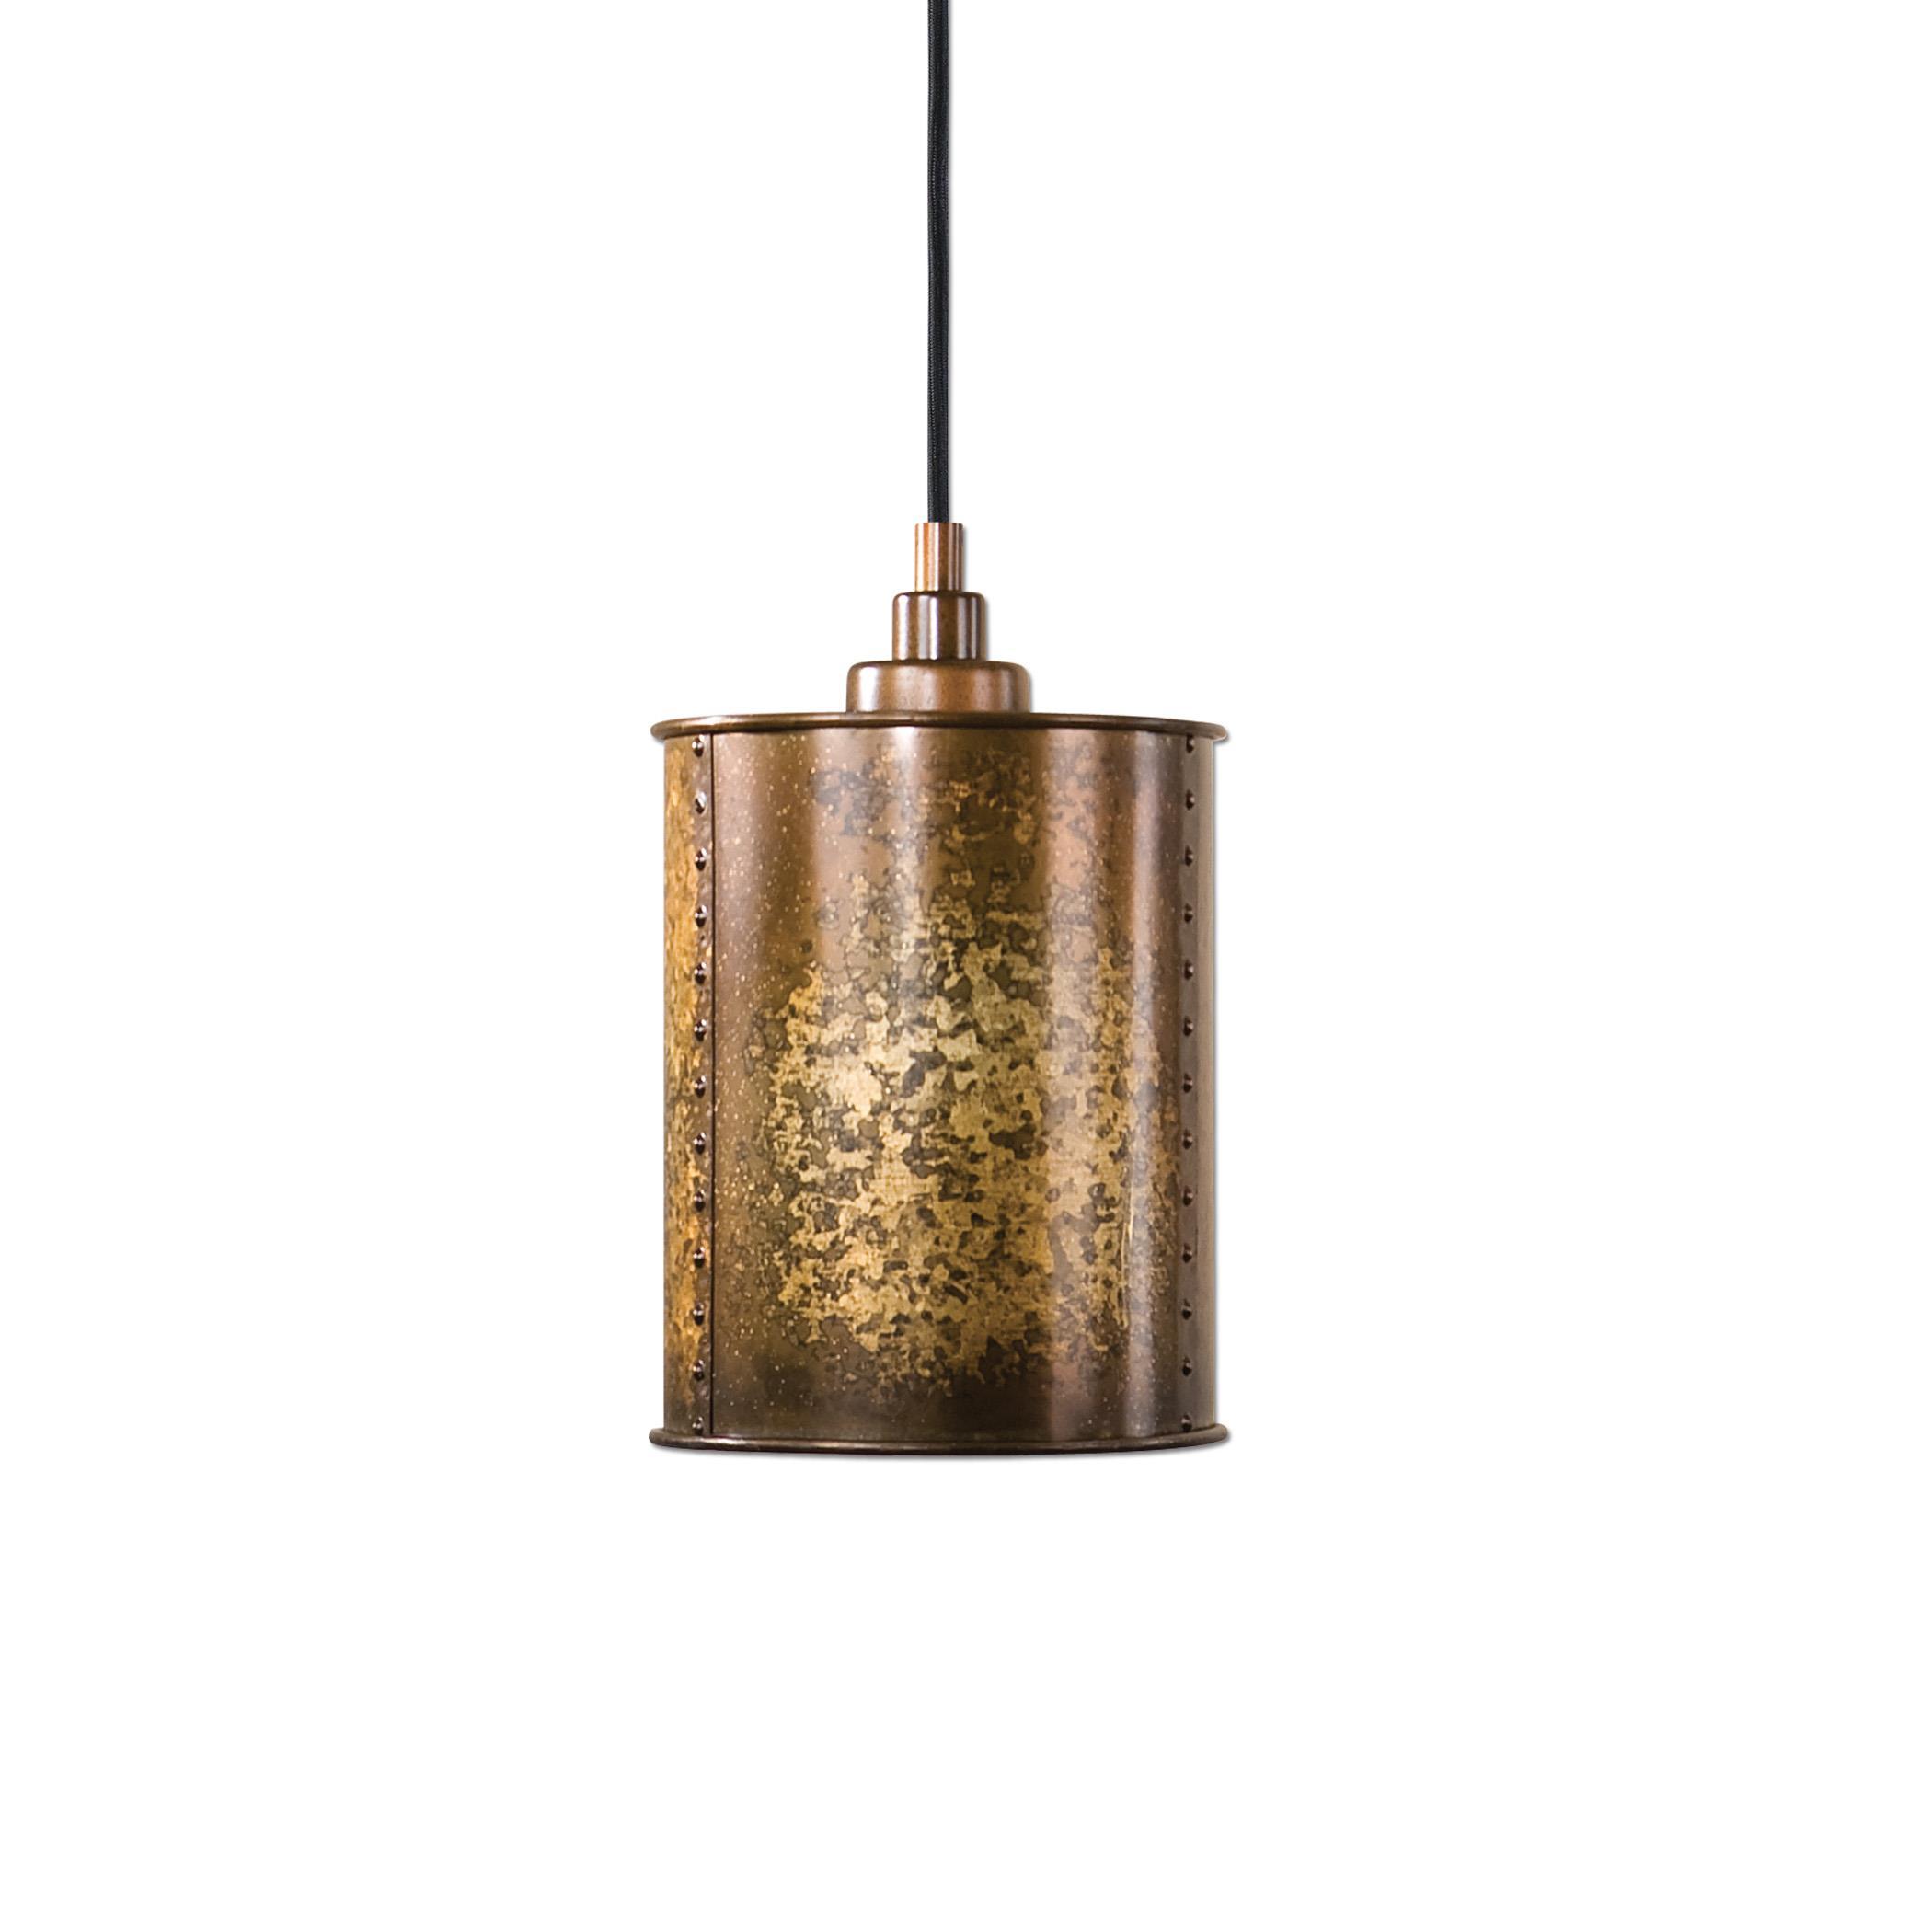 Uttermost Lighting Fixtures Wolcott 1 Light Golden Mini Pendant - Item Number: 22065